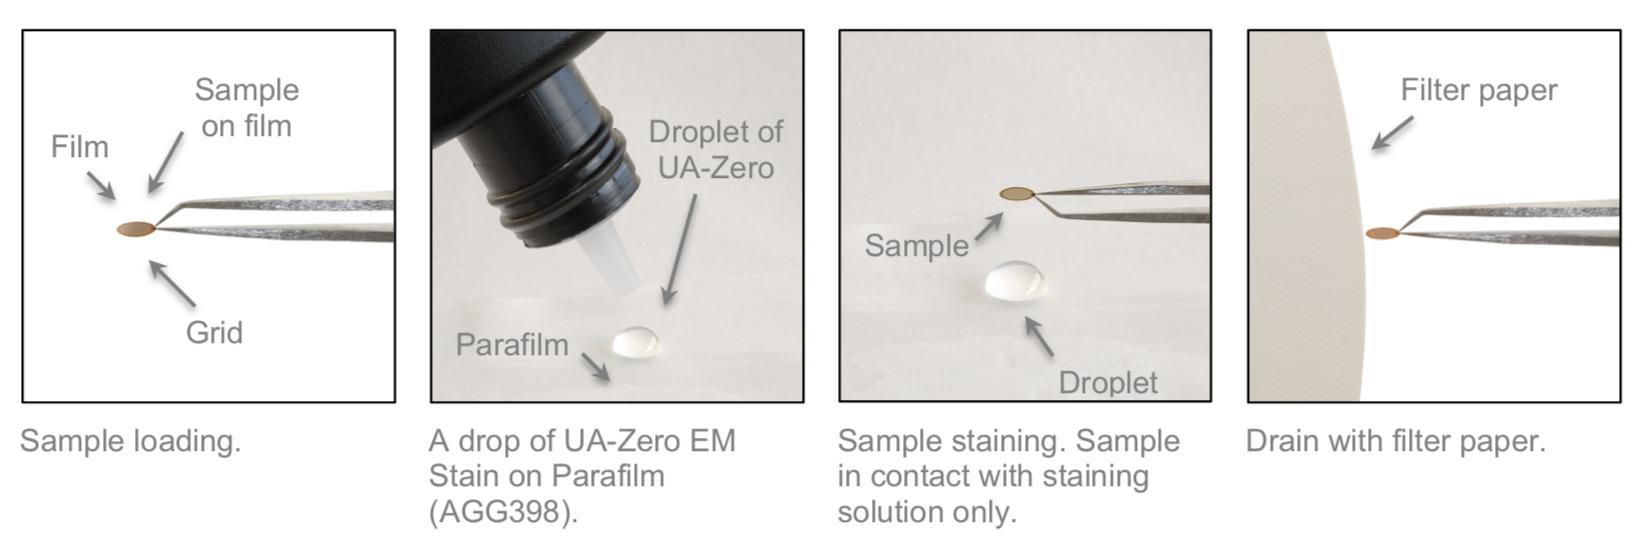 UA-Zero non-radioactive EM Stain